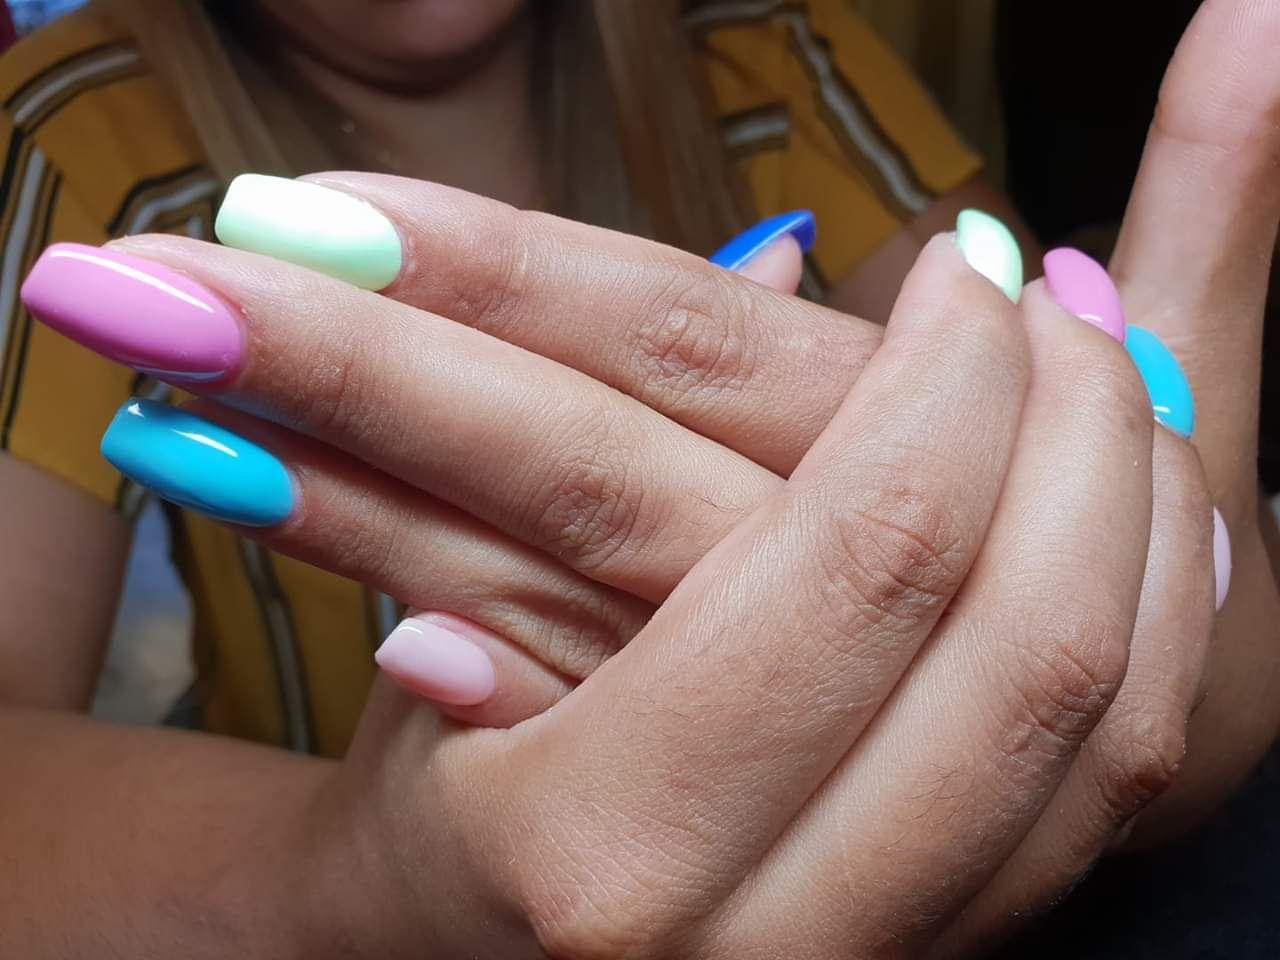 Foto 10 de Manicura y pedicura en Segovia | Studio de manicura y maquillaje en Segovia